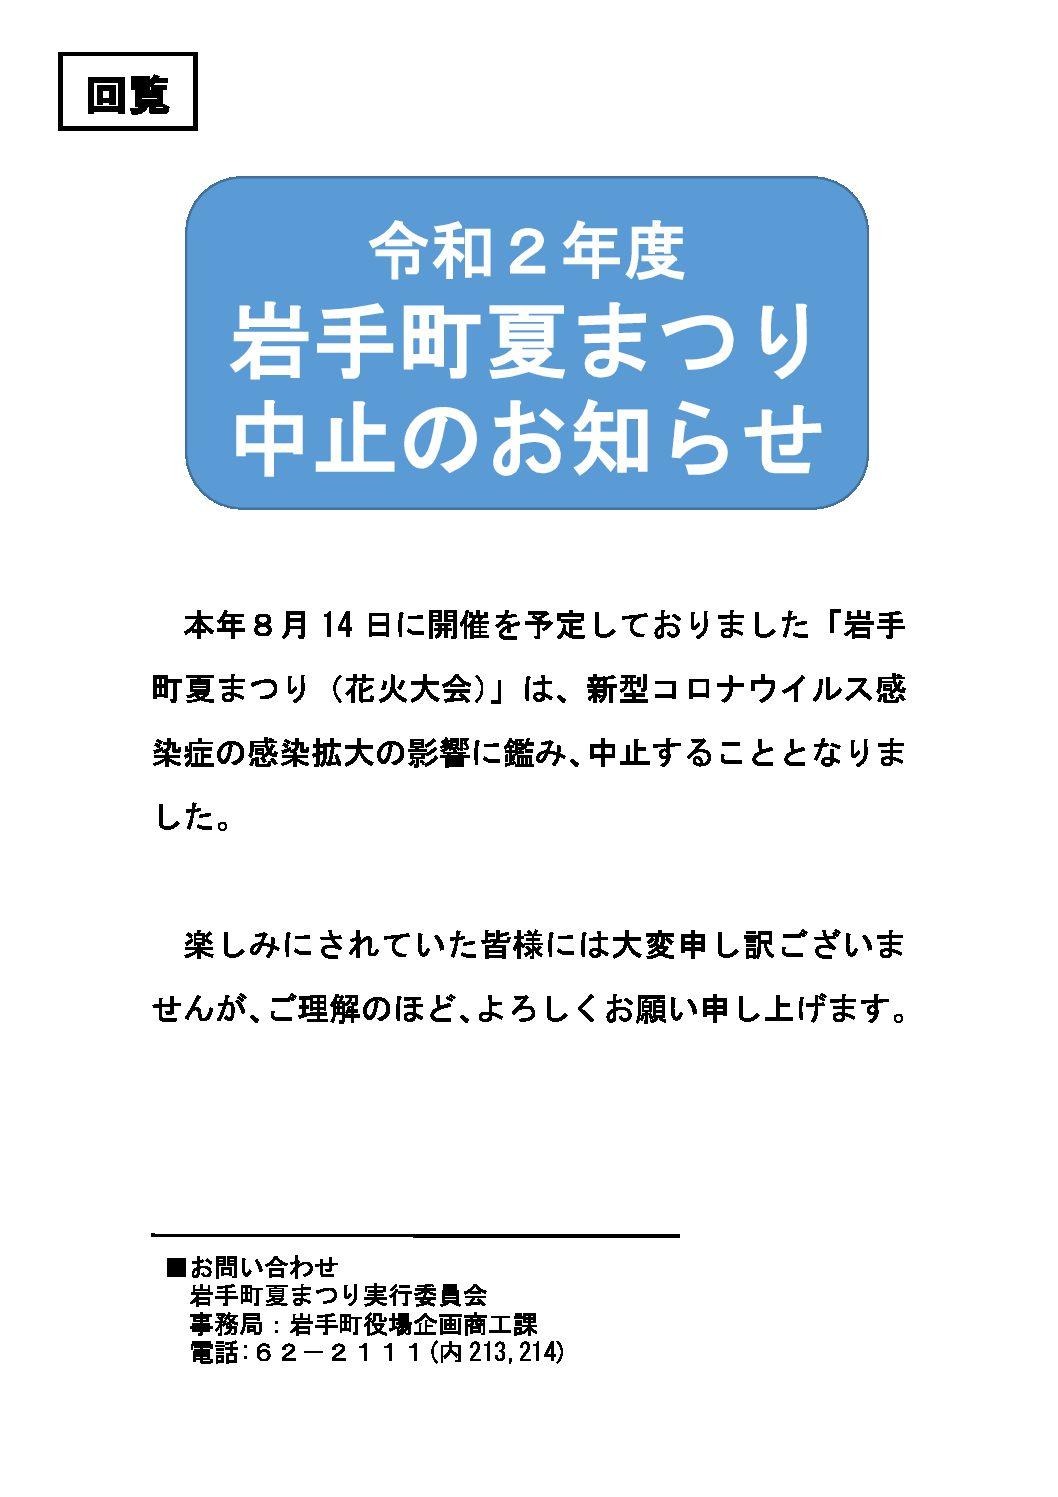 岩手町夏まつり中止のお知らせ